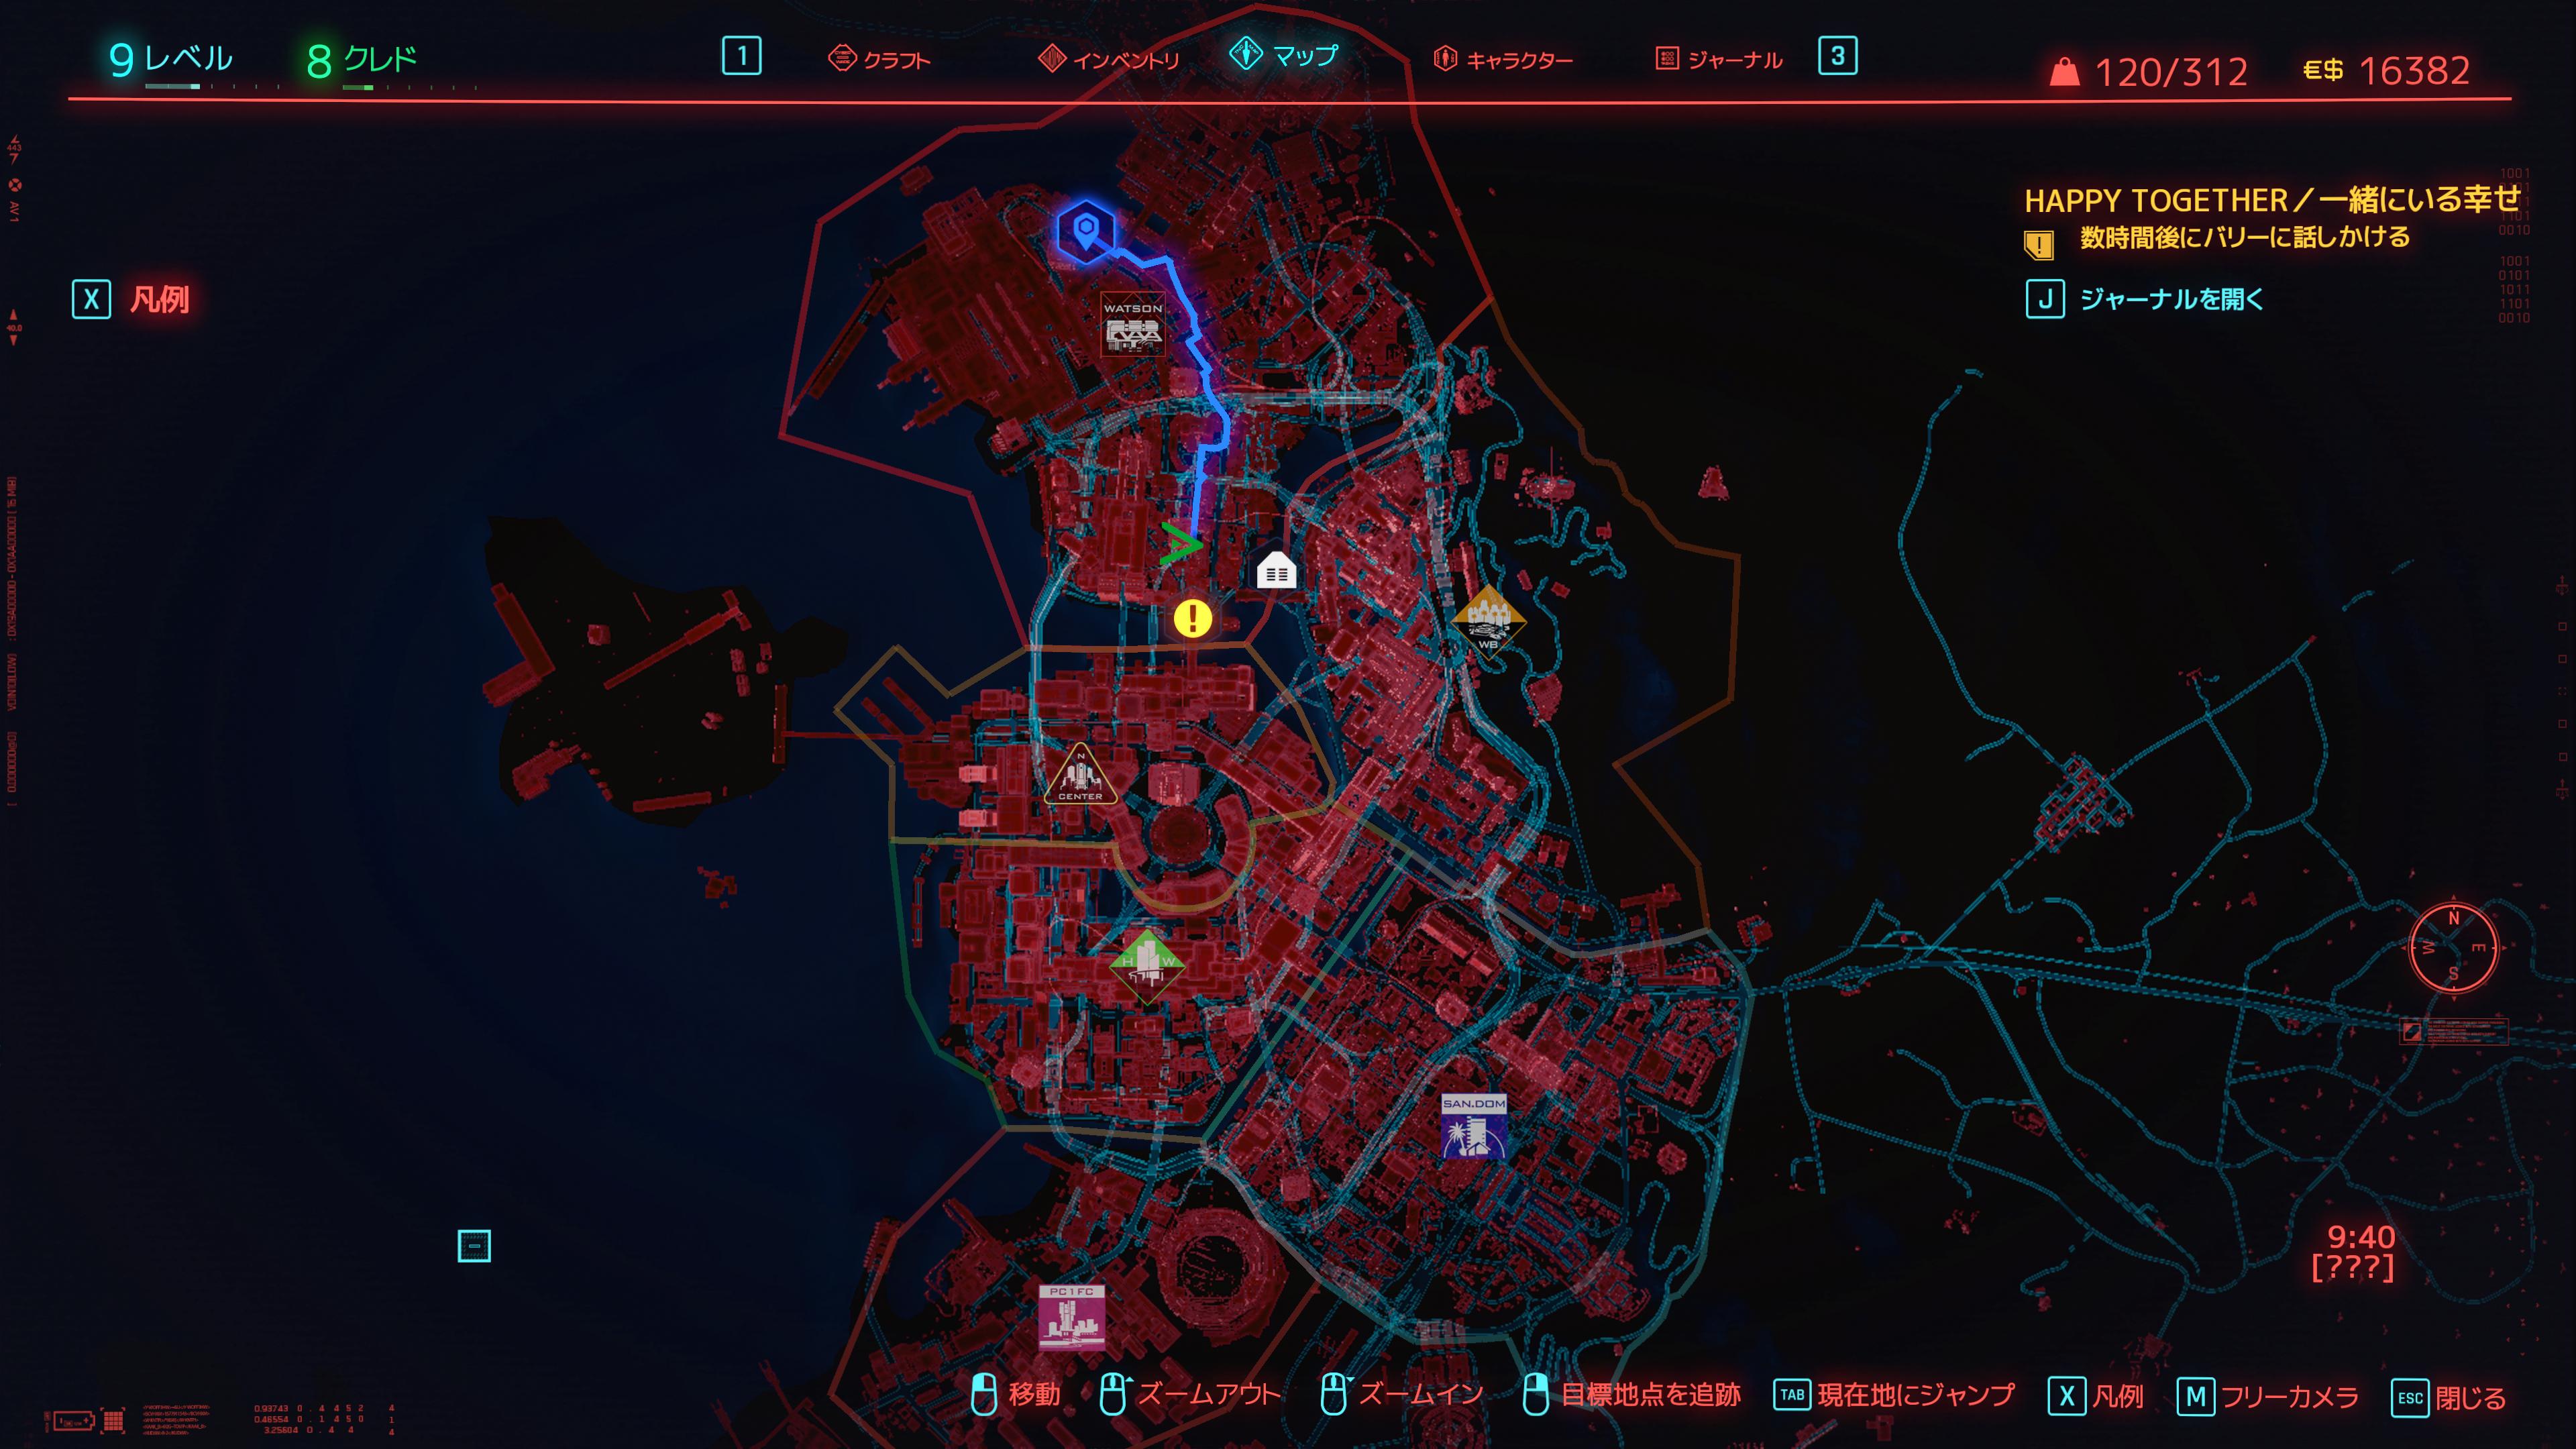 ナイトシティは北から南まででおよそ10km。ゲームの序盤を越えると自由に散策することが可能だ